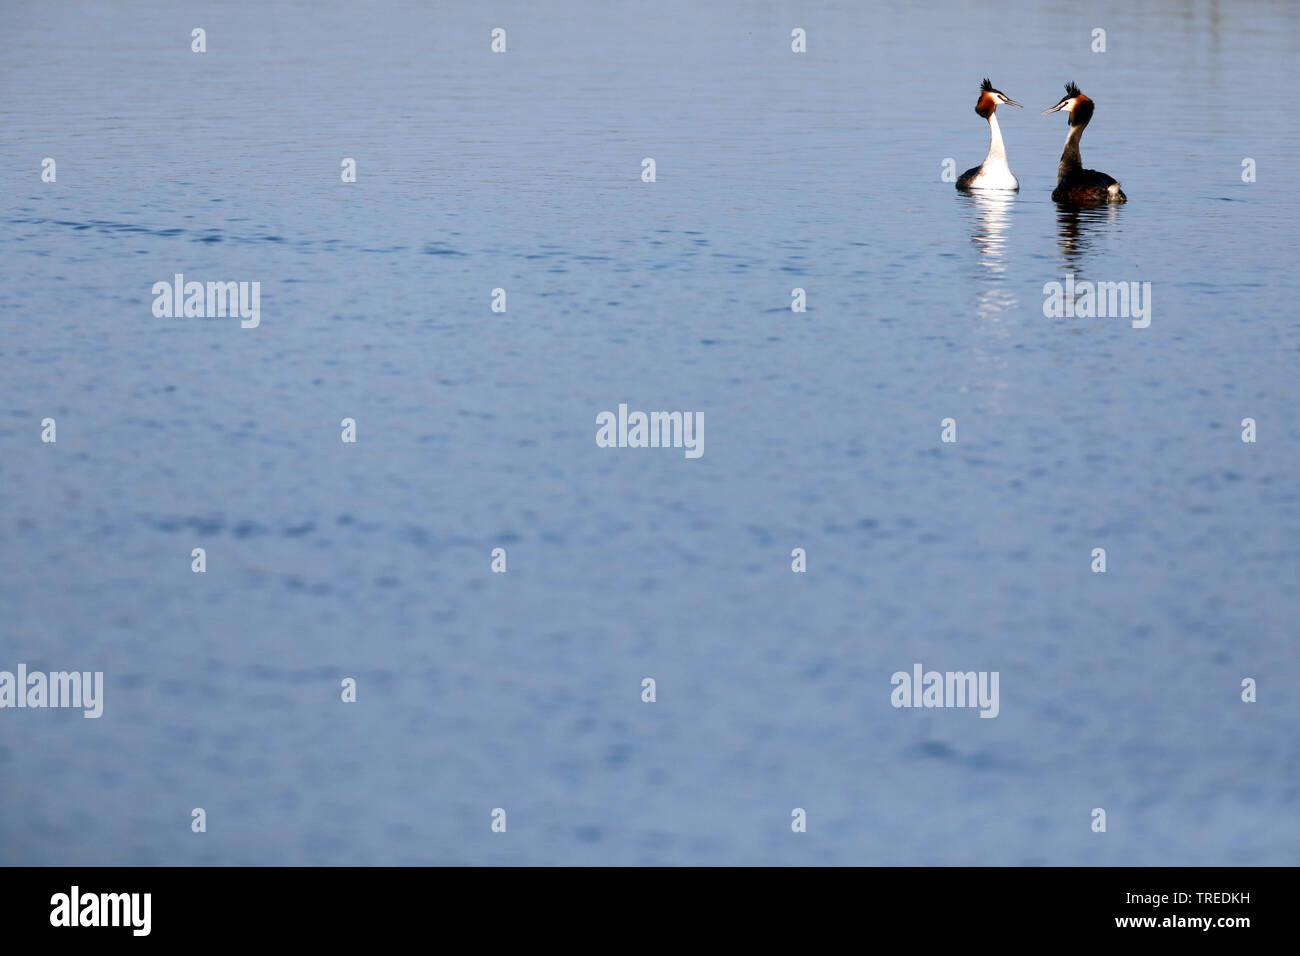 Haubentaucher, Hauben-Taucher (Podiceps cristatus), schwimmendes Paar, Niederlande, Suedholland   great crested grebe (Podiceps cristatus), swimming p - Stock Image